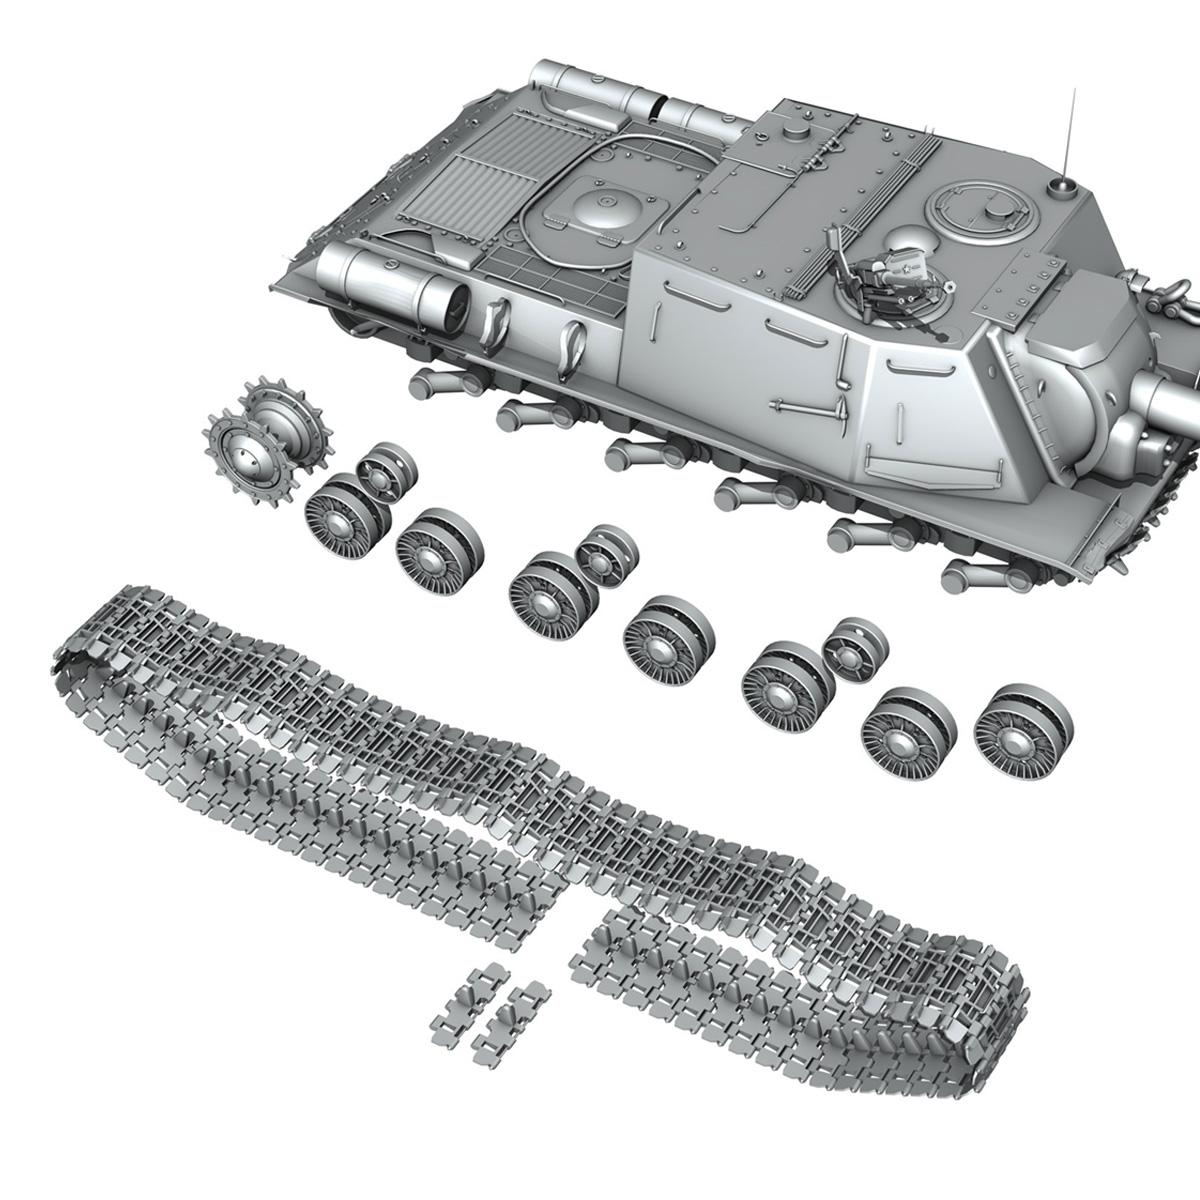 isu 152 soviet heavy self propelled gun v2 3d model 3ds fbx c4d lwo obj 188882